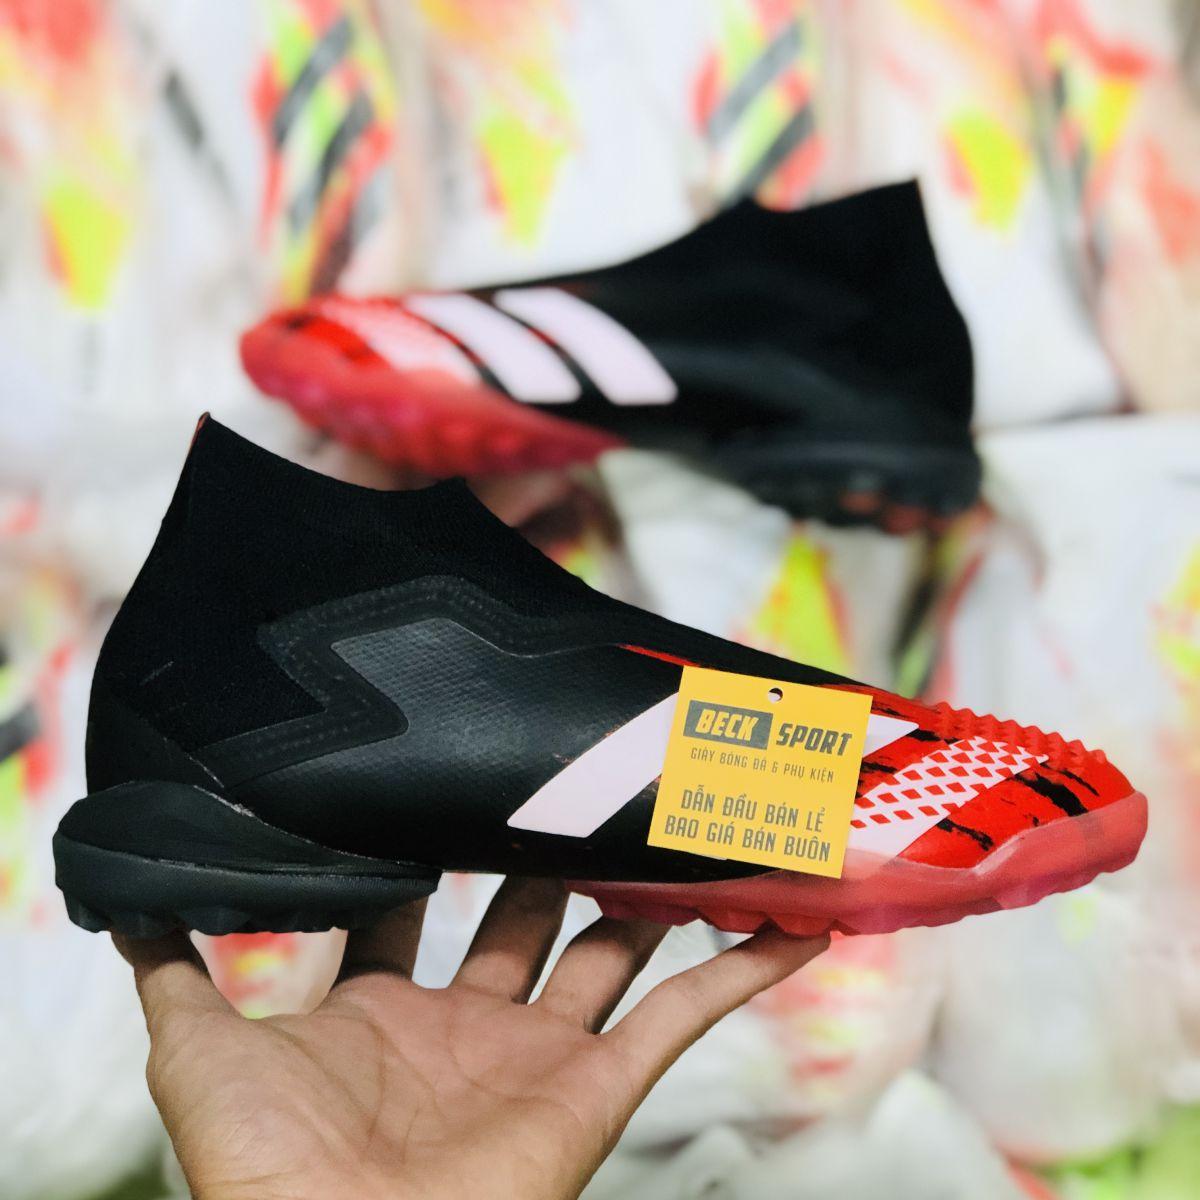 Giày Bóng Đá Adidas Predator 20+ Mutator Đen Mũi Đỏ Vạch Trắng Không Dây Cổ Cao TF